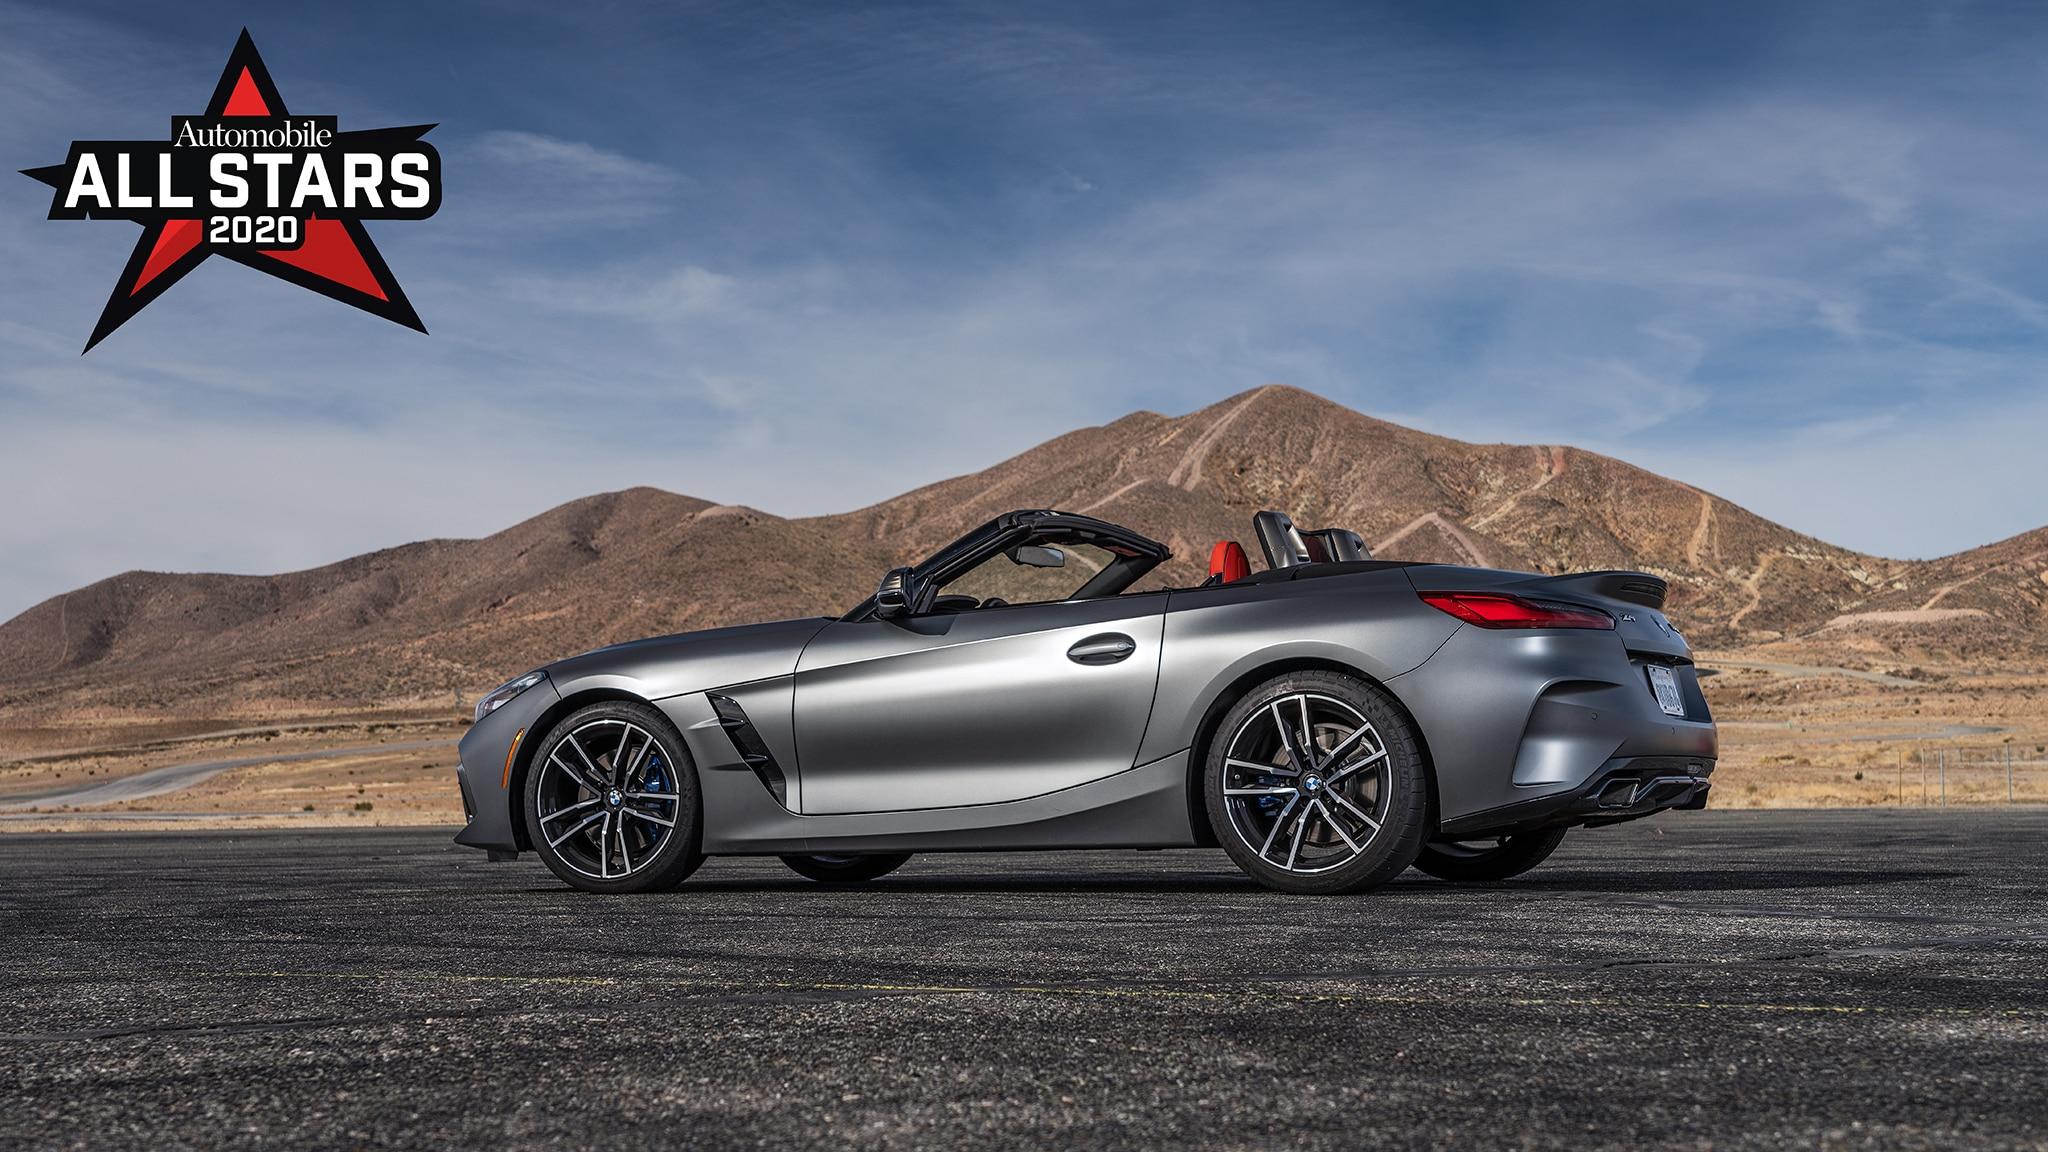 2020 bmw z4 m40i test drive automobile all stars contender 2020 bmw z4 m40i test drive automobile